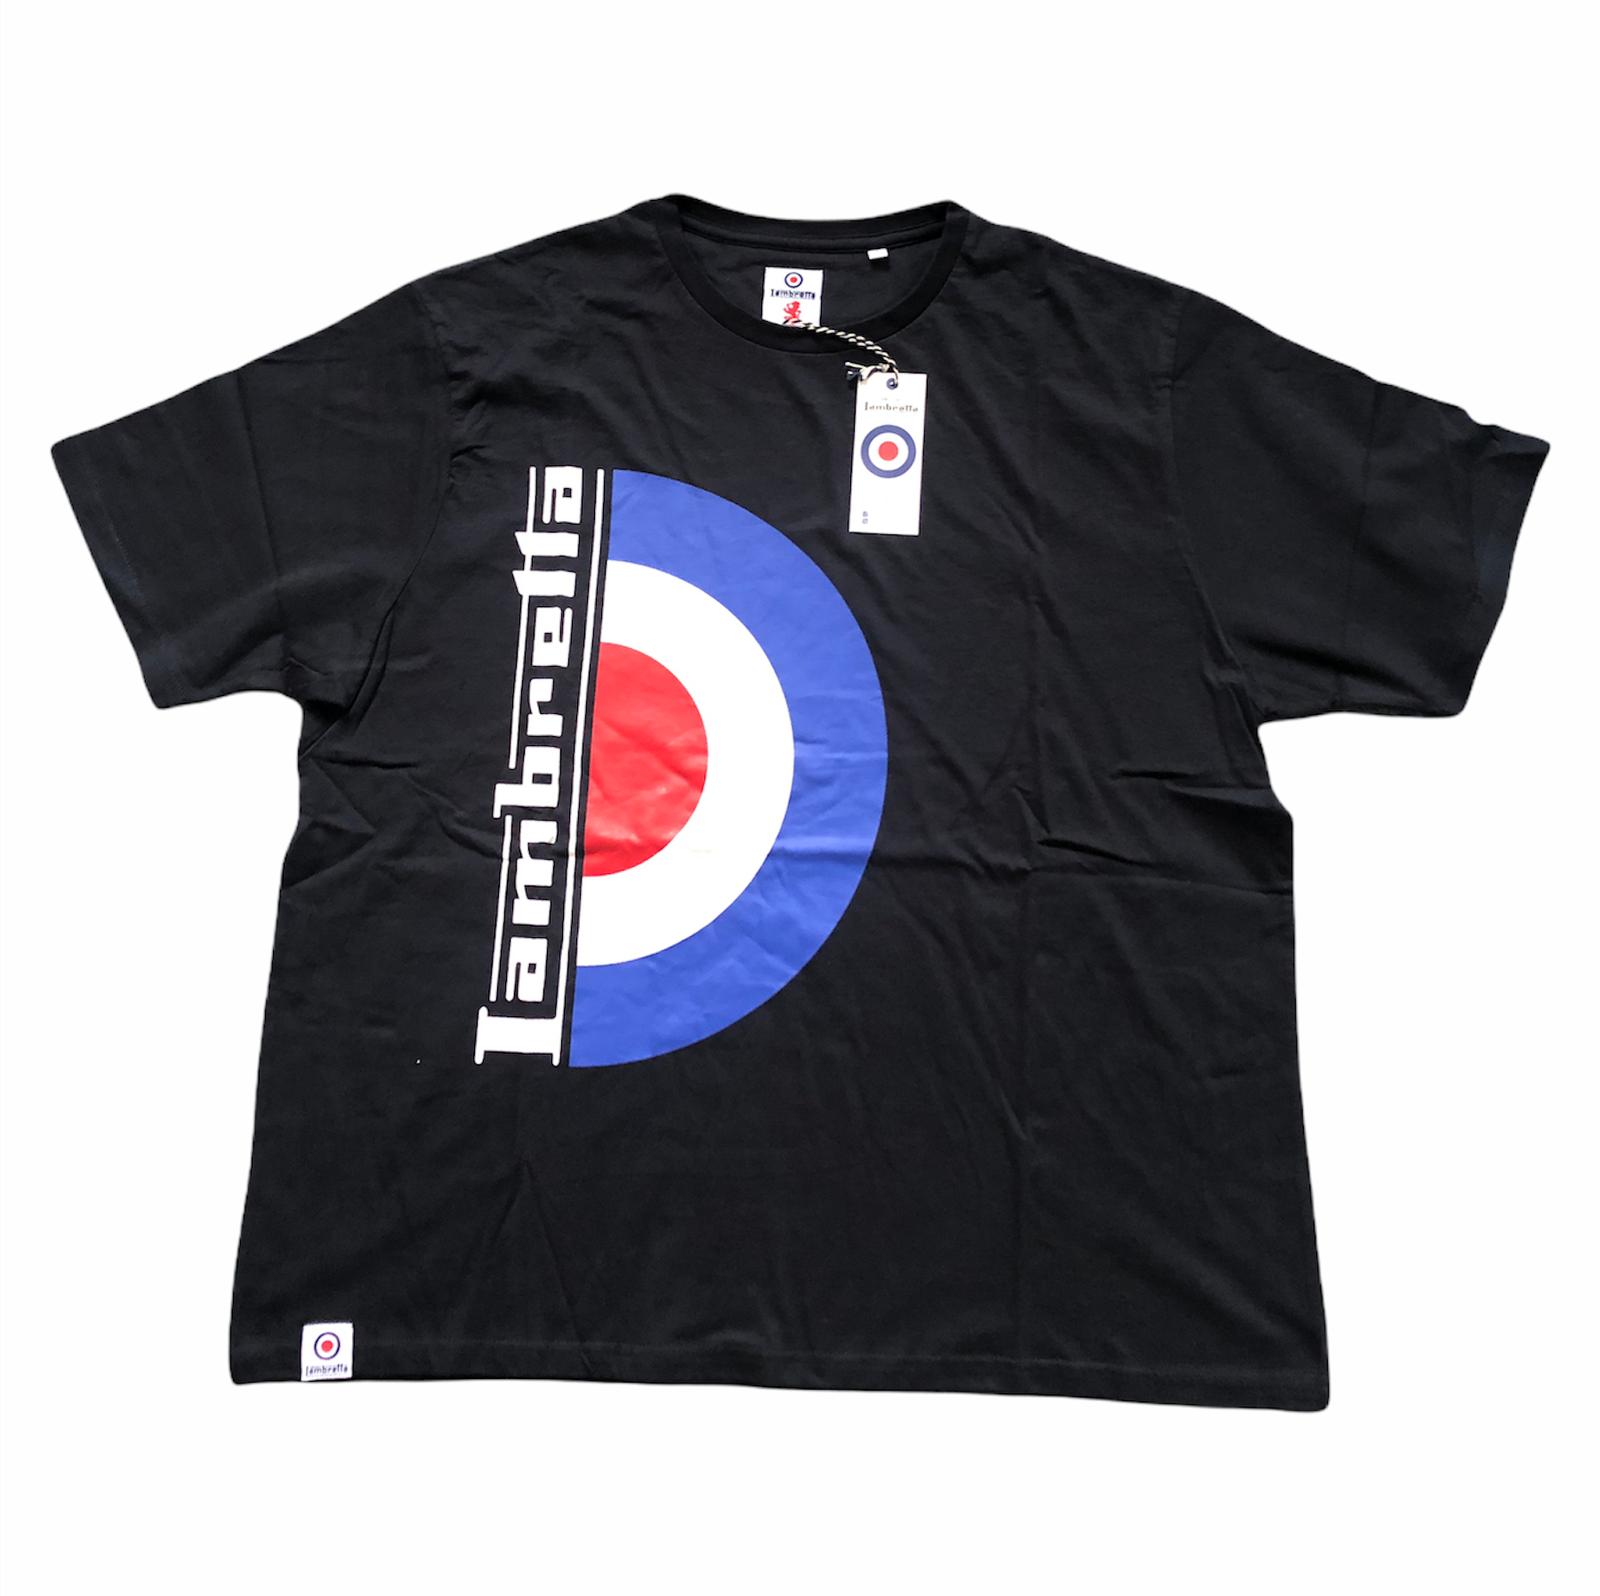 Lambretta Men's Logo T-Shirt Retro Classics XL T-Shirt - Black - New